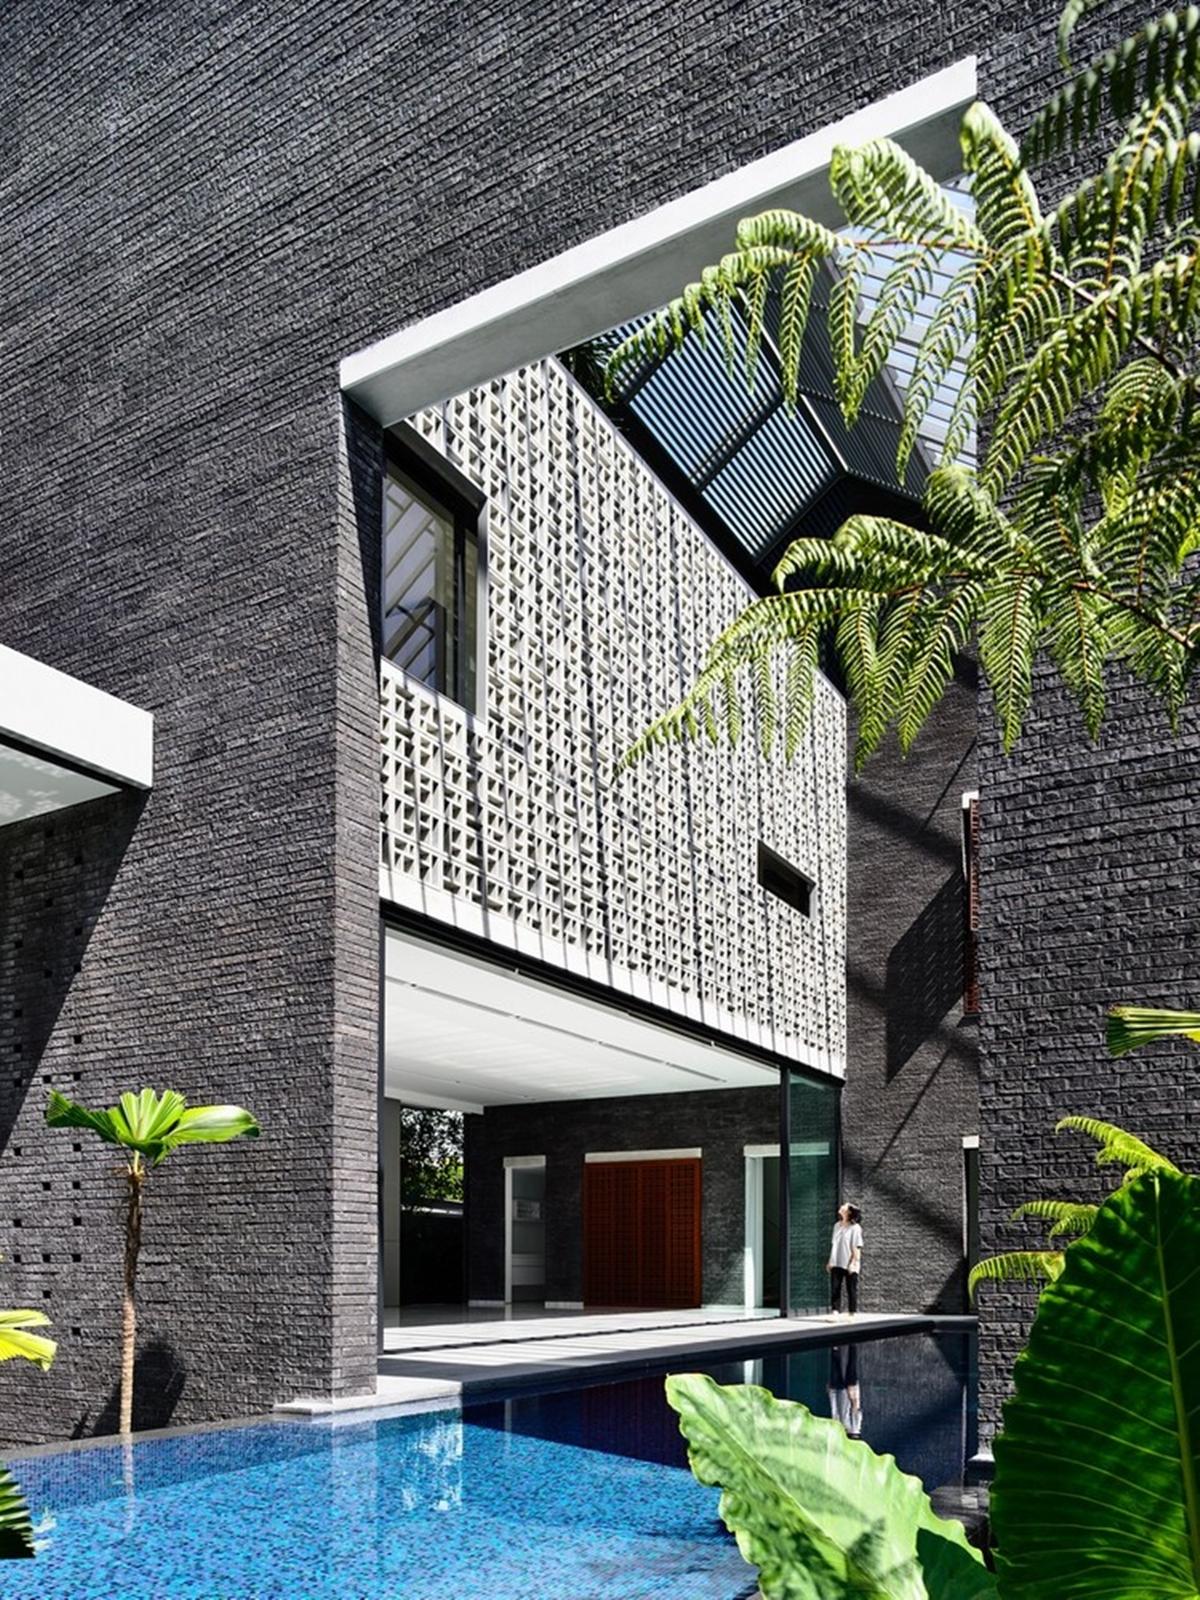 kien viet biet thu voi can phong khong mai hyla architects 1 - Biệt thự với căn phòng không mái | HYLA Architects